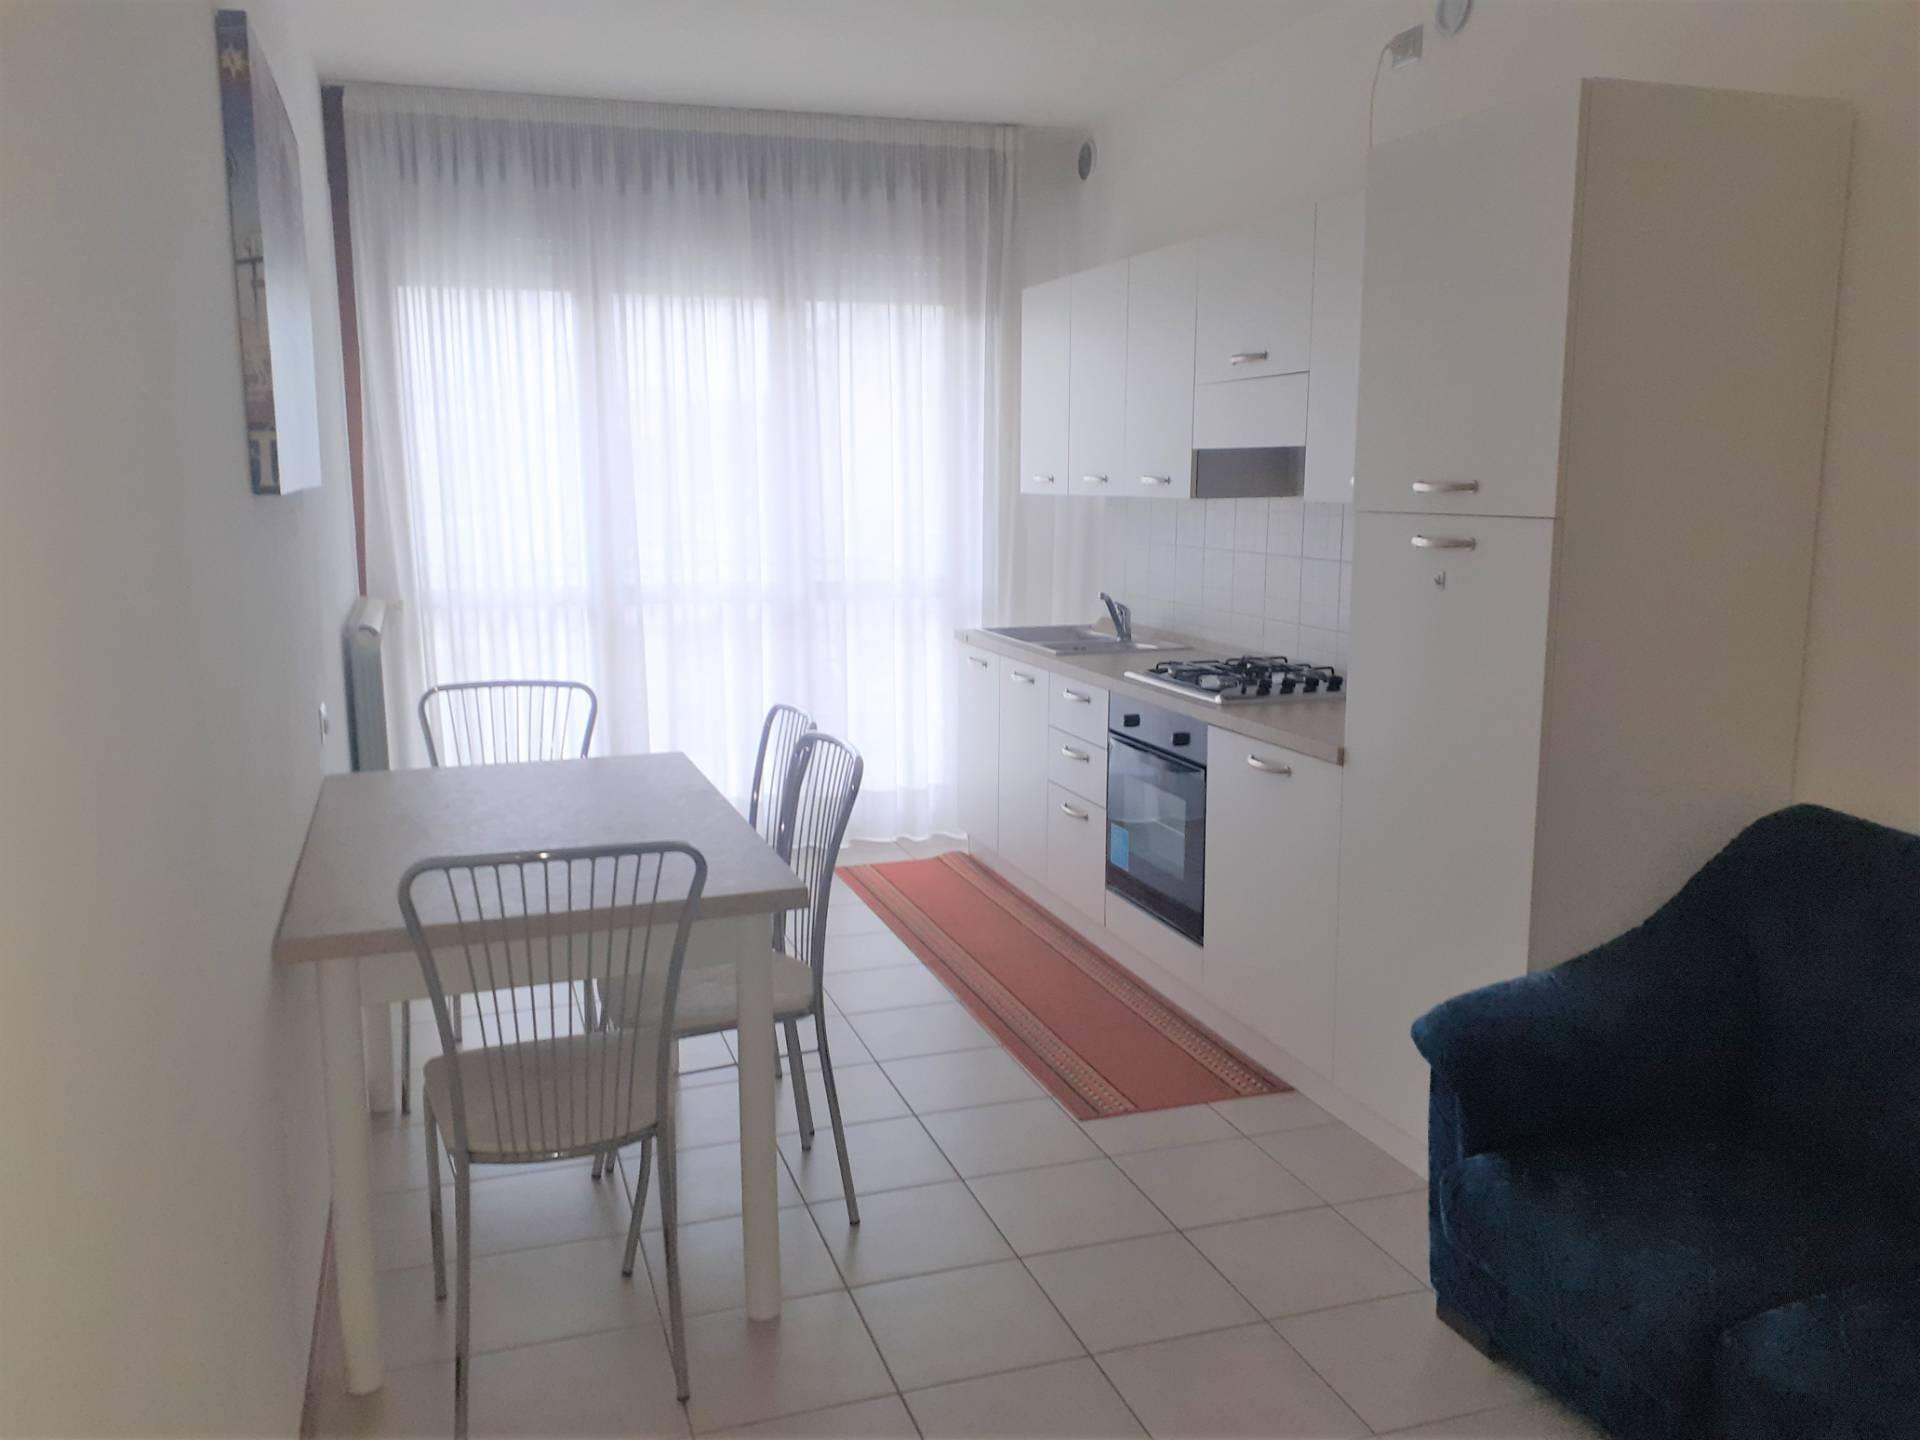 Appartamento in vendita a Cavallino-Treporti, 3 locali, zona Località: CaSavio, prezzo € 134.000 | CambioCasa.it